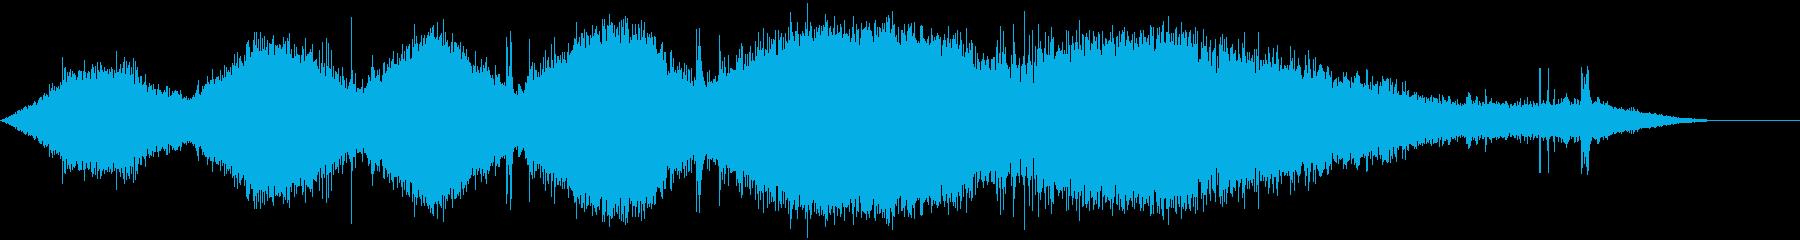 ピータービルトセミトラック:オンボ...の再生済みの波形